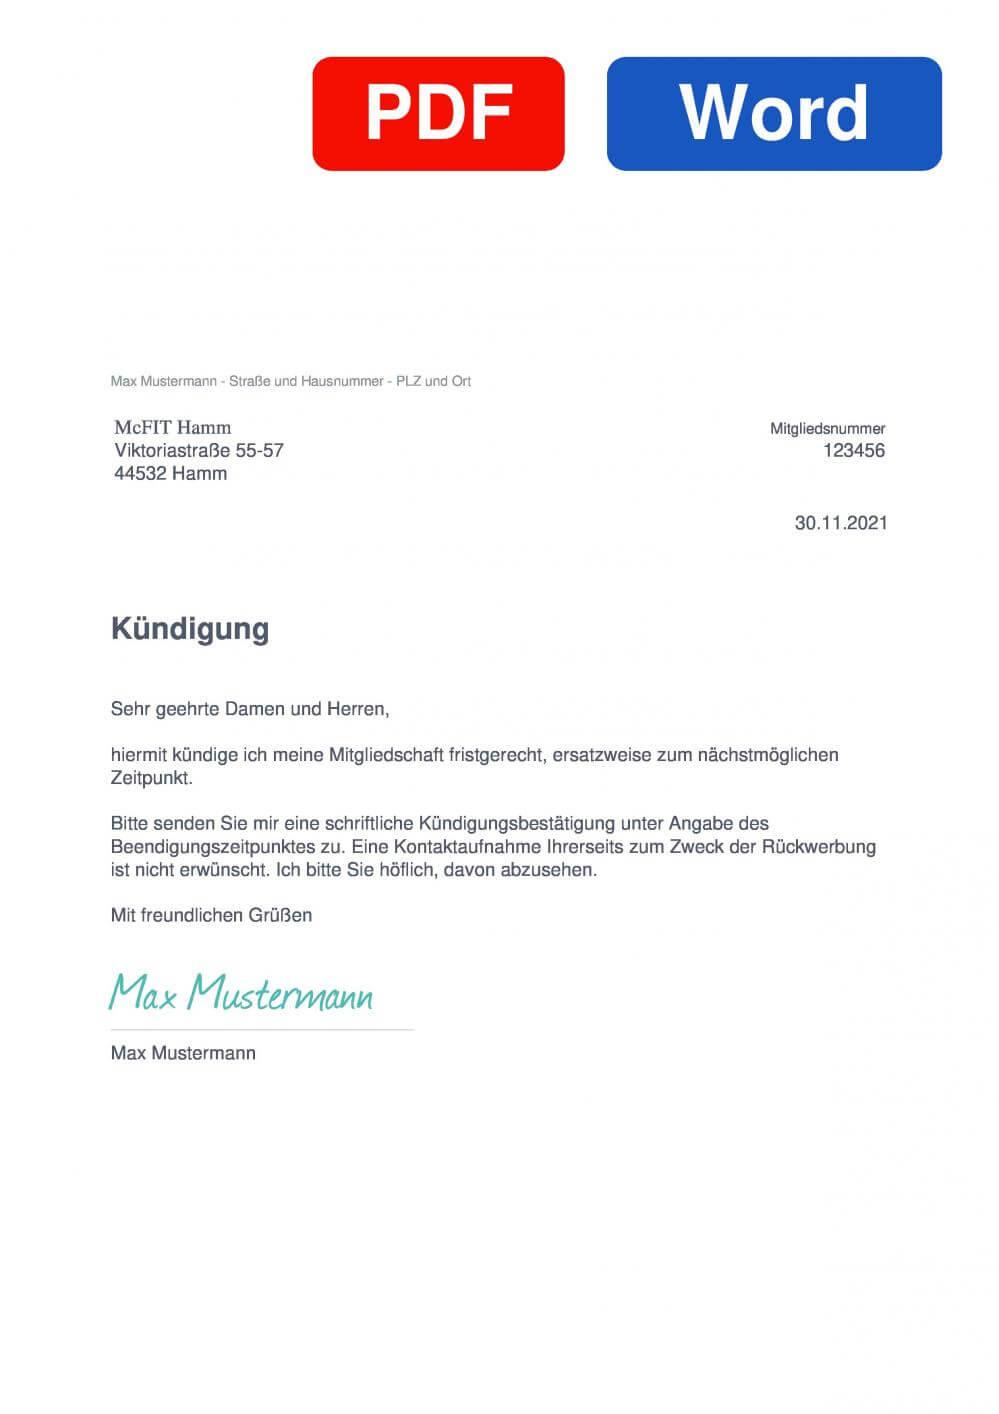 McFIT Hamm Muster Vorlage für Kündigungsschreiben